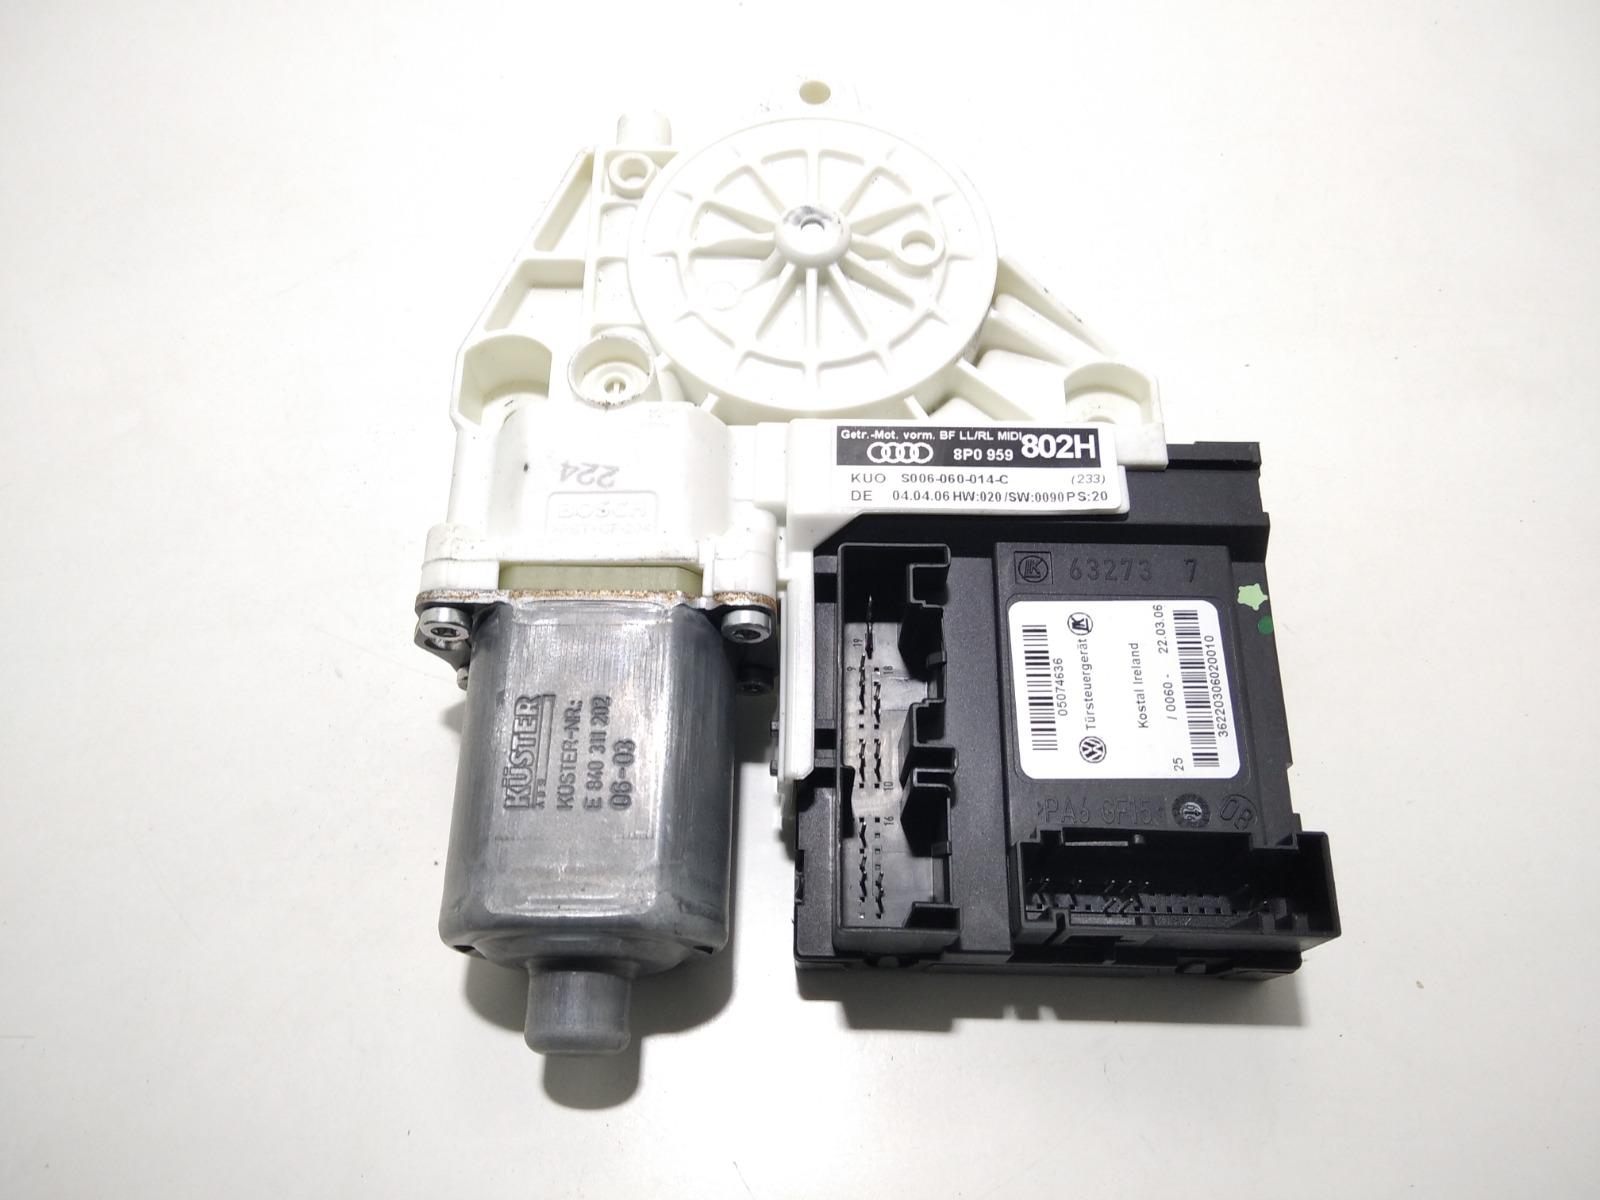 Моторчик стеклоподъемника передний левый Audi A3 8P 1.6 I 2006 (б/у)